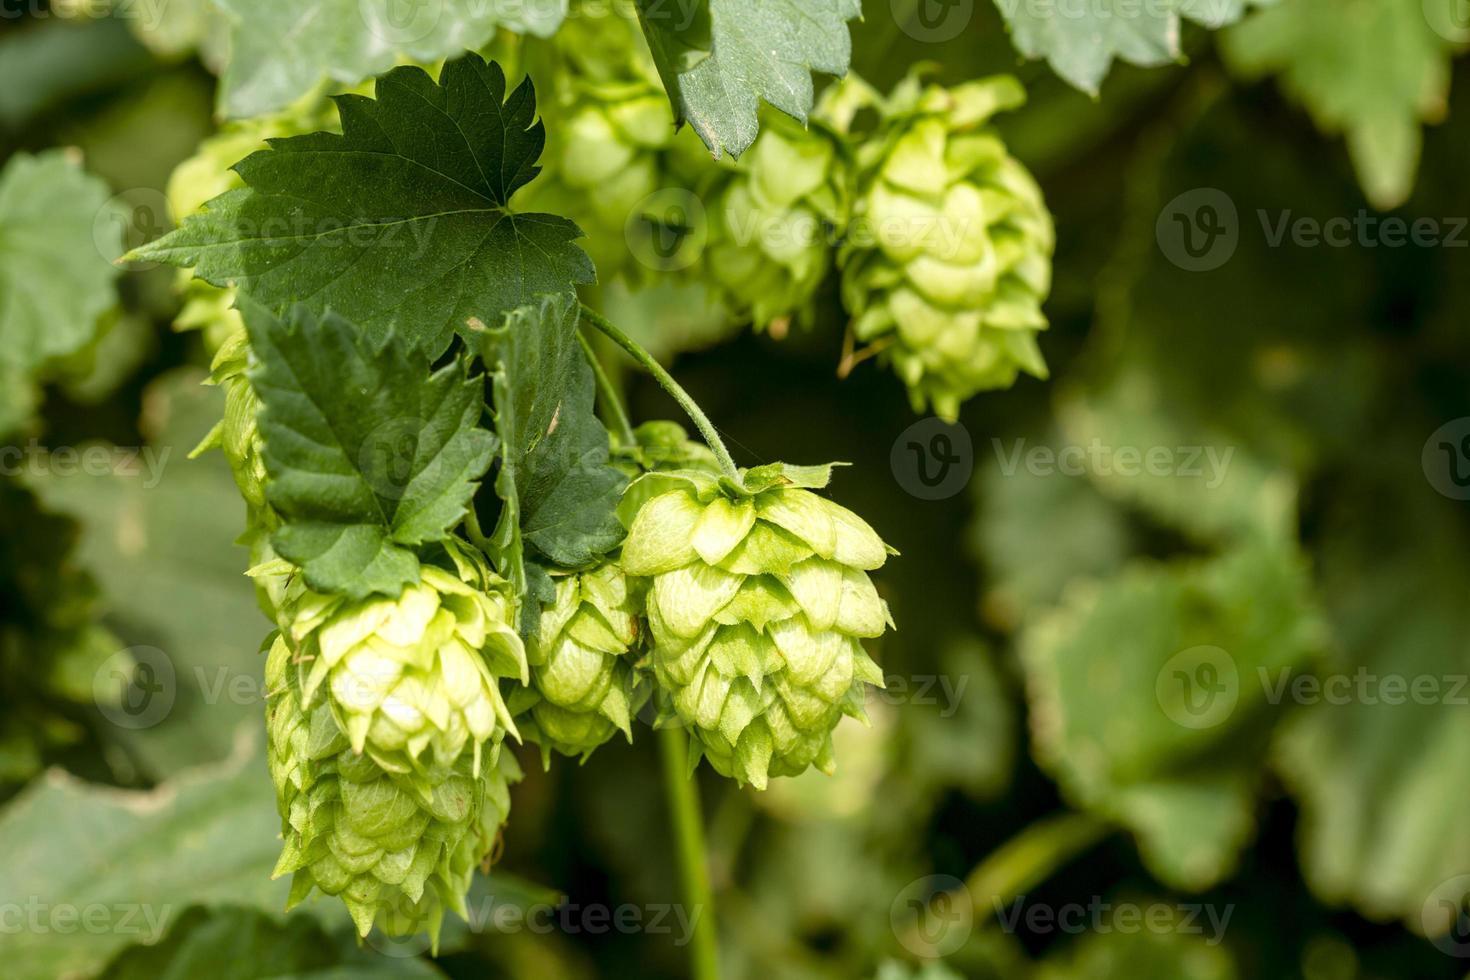 granja de lúpulo orgánico para elaborar cerveza foto